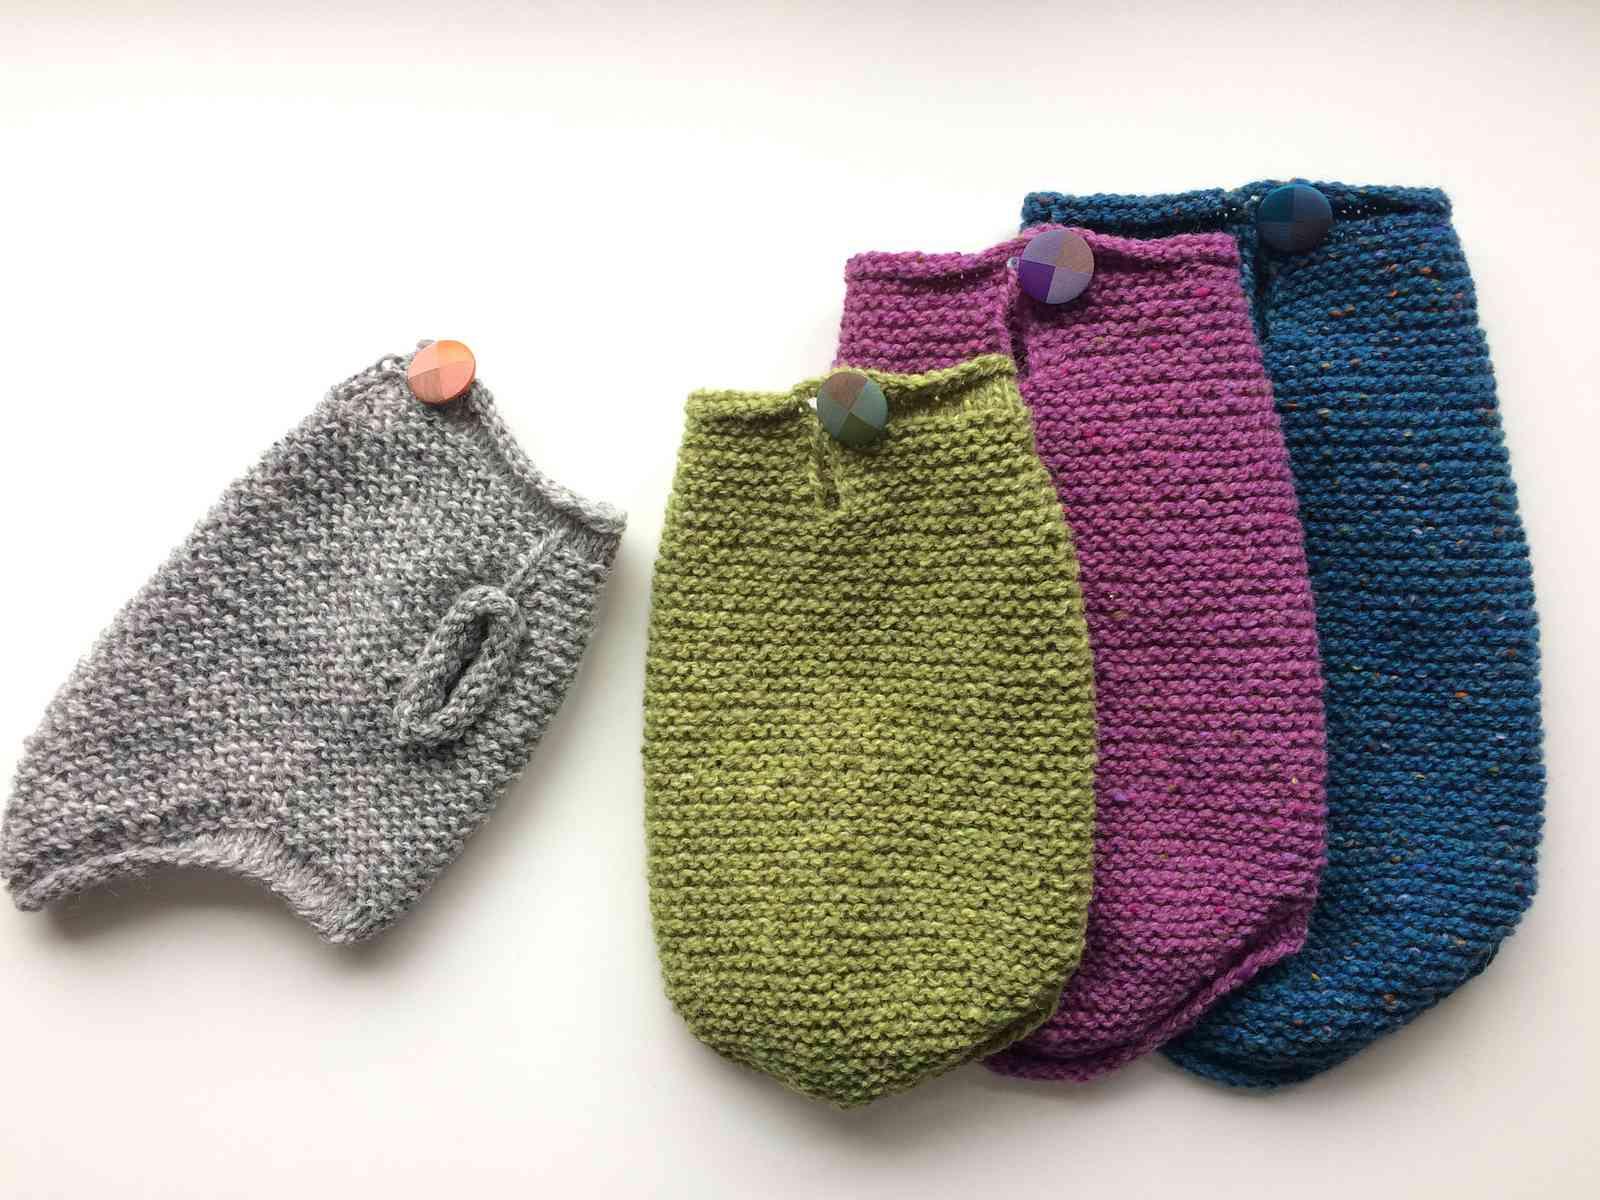 Knitting Pattern For Dog Sweater Beginner - Art Crochet ...